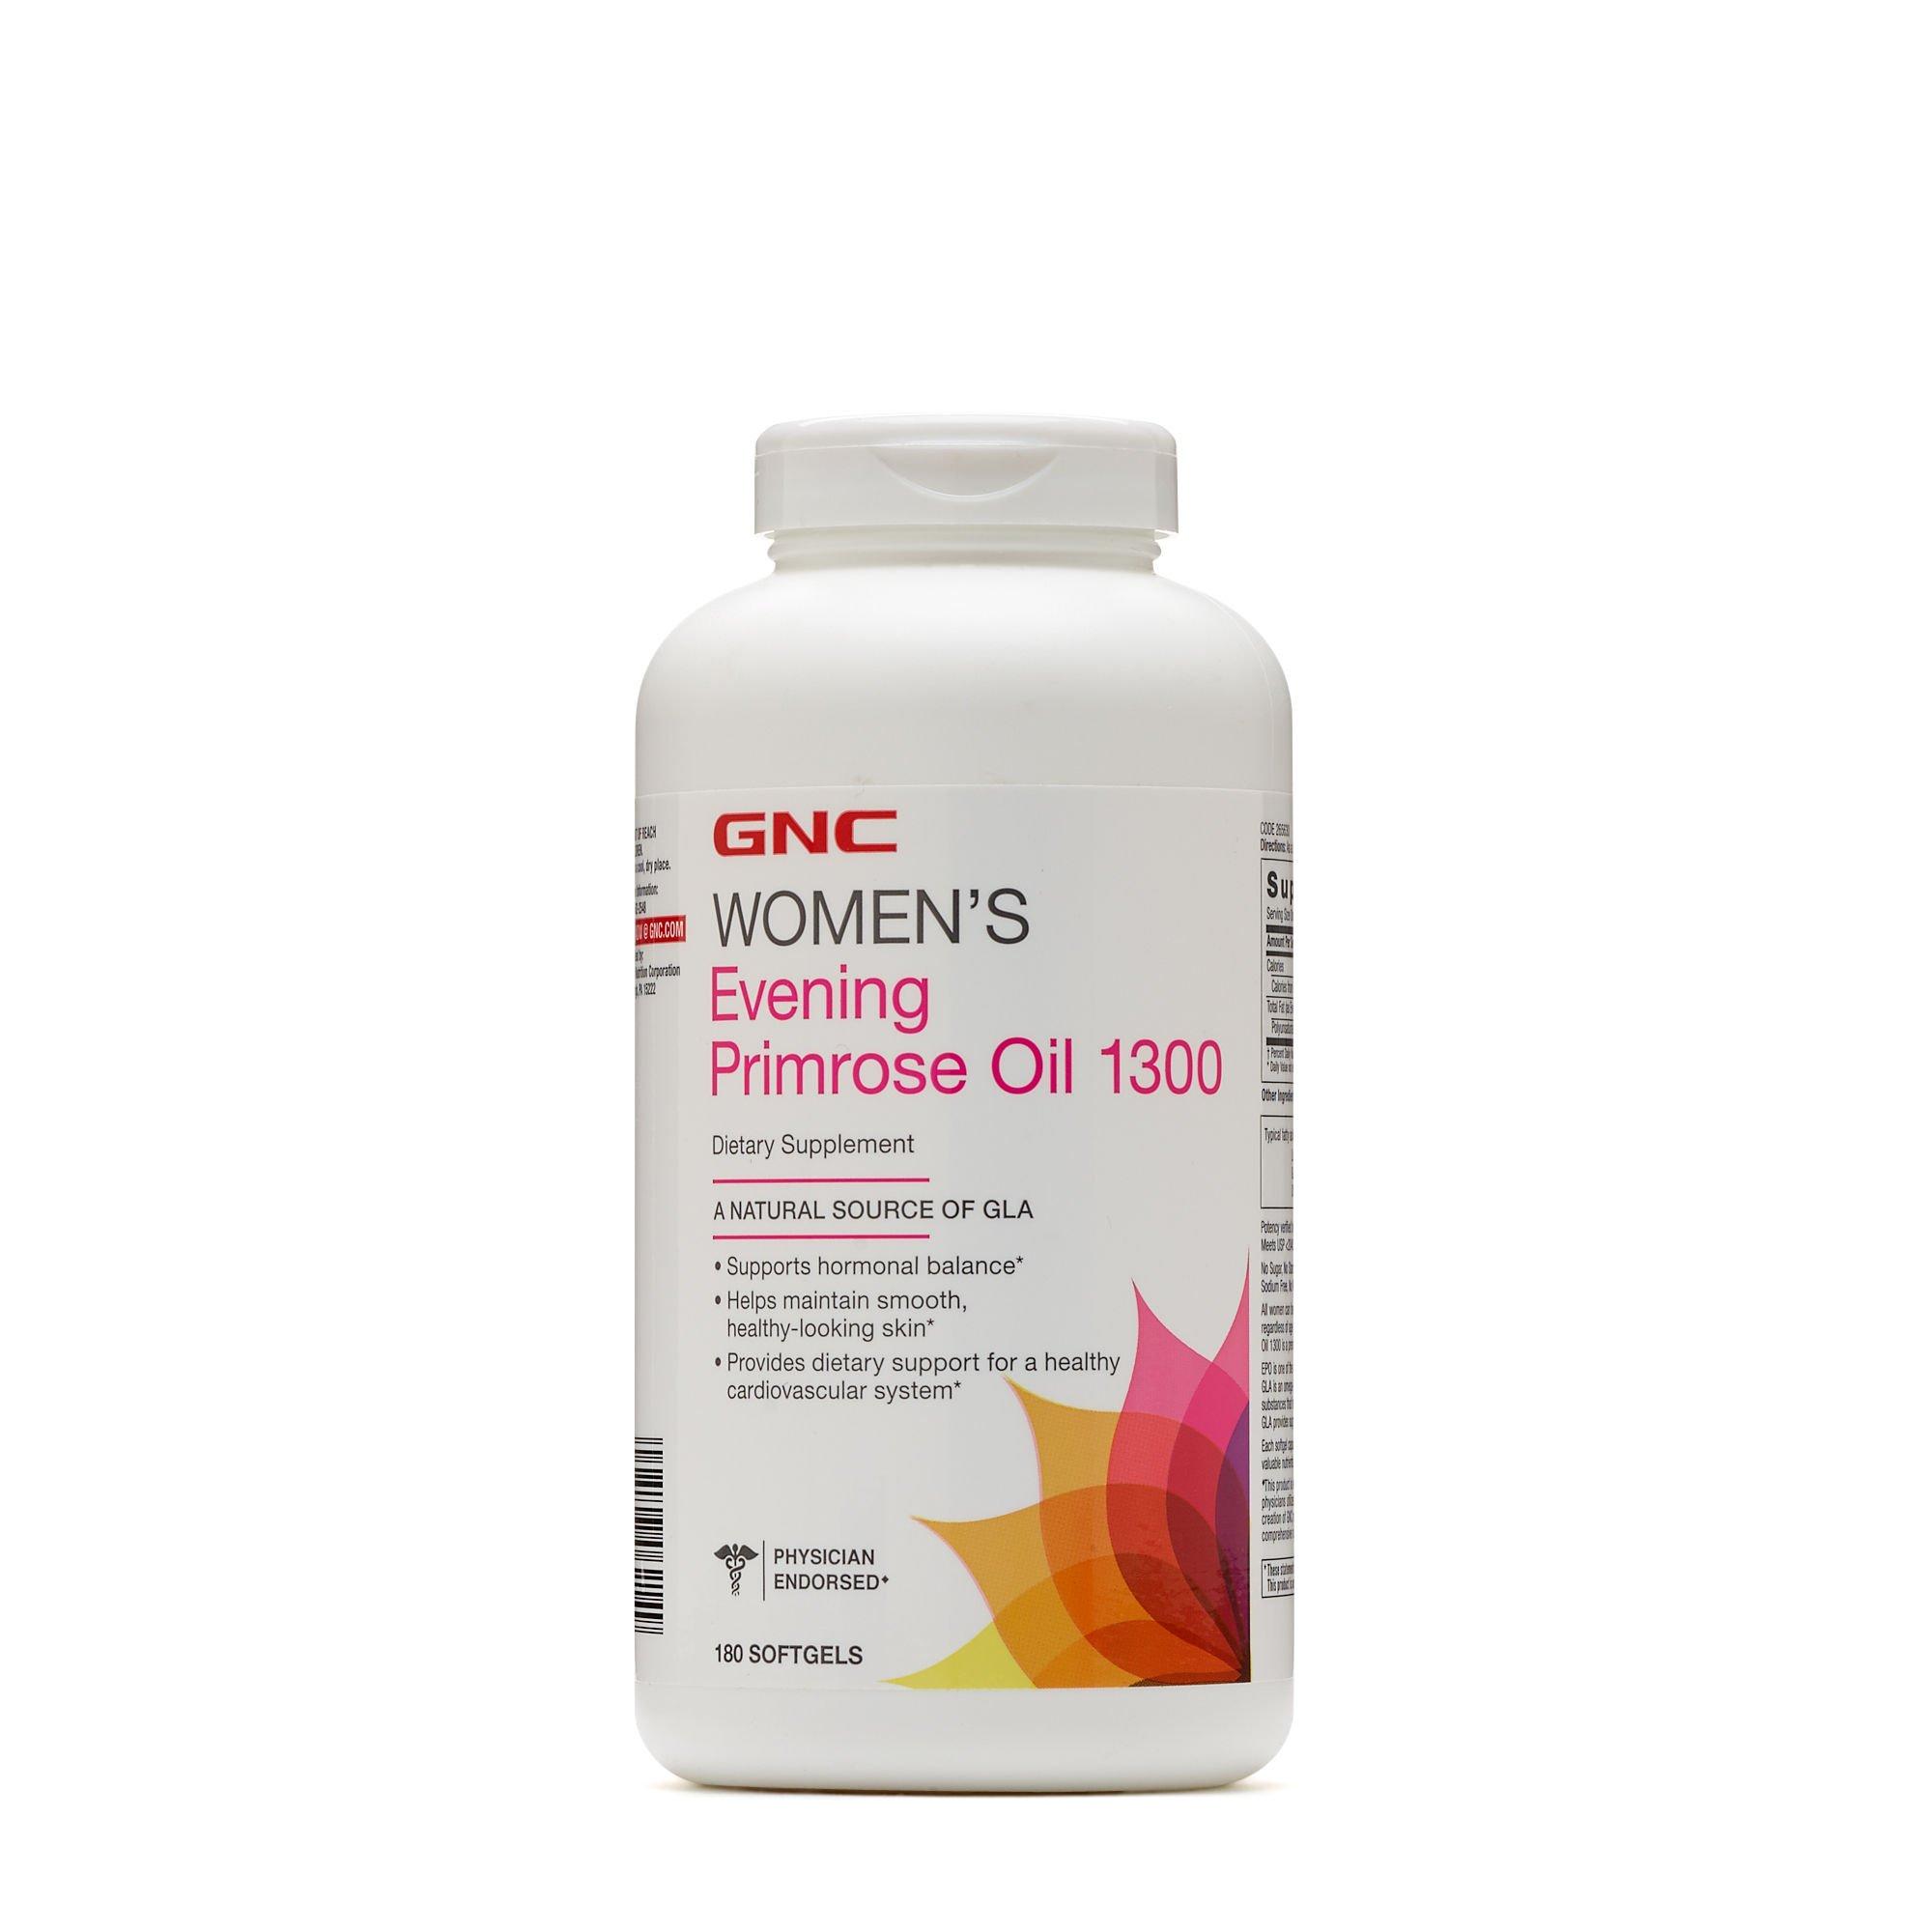 GNC Womens Evening Primrose Oil 1300 180 Softgel caps